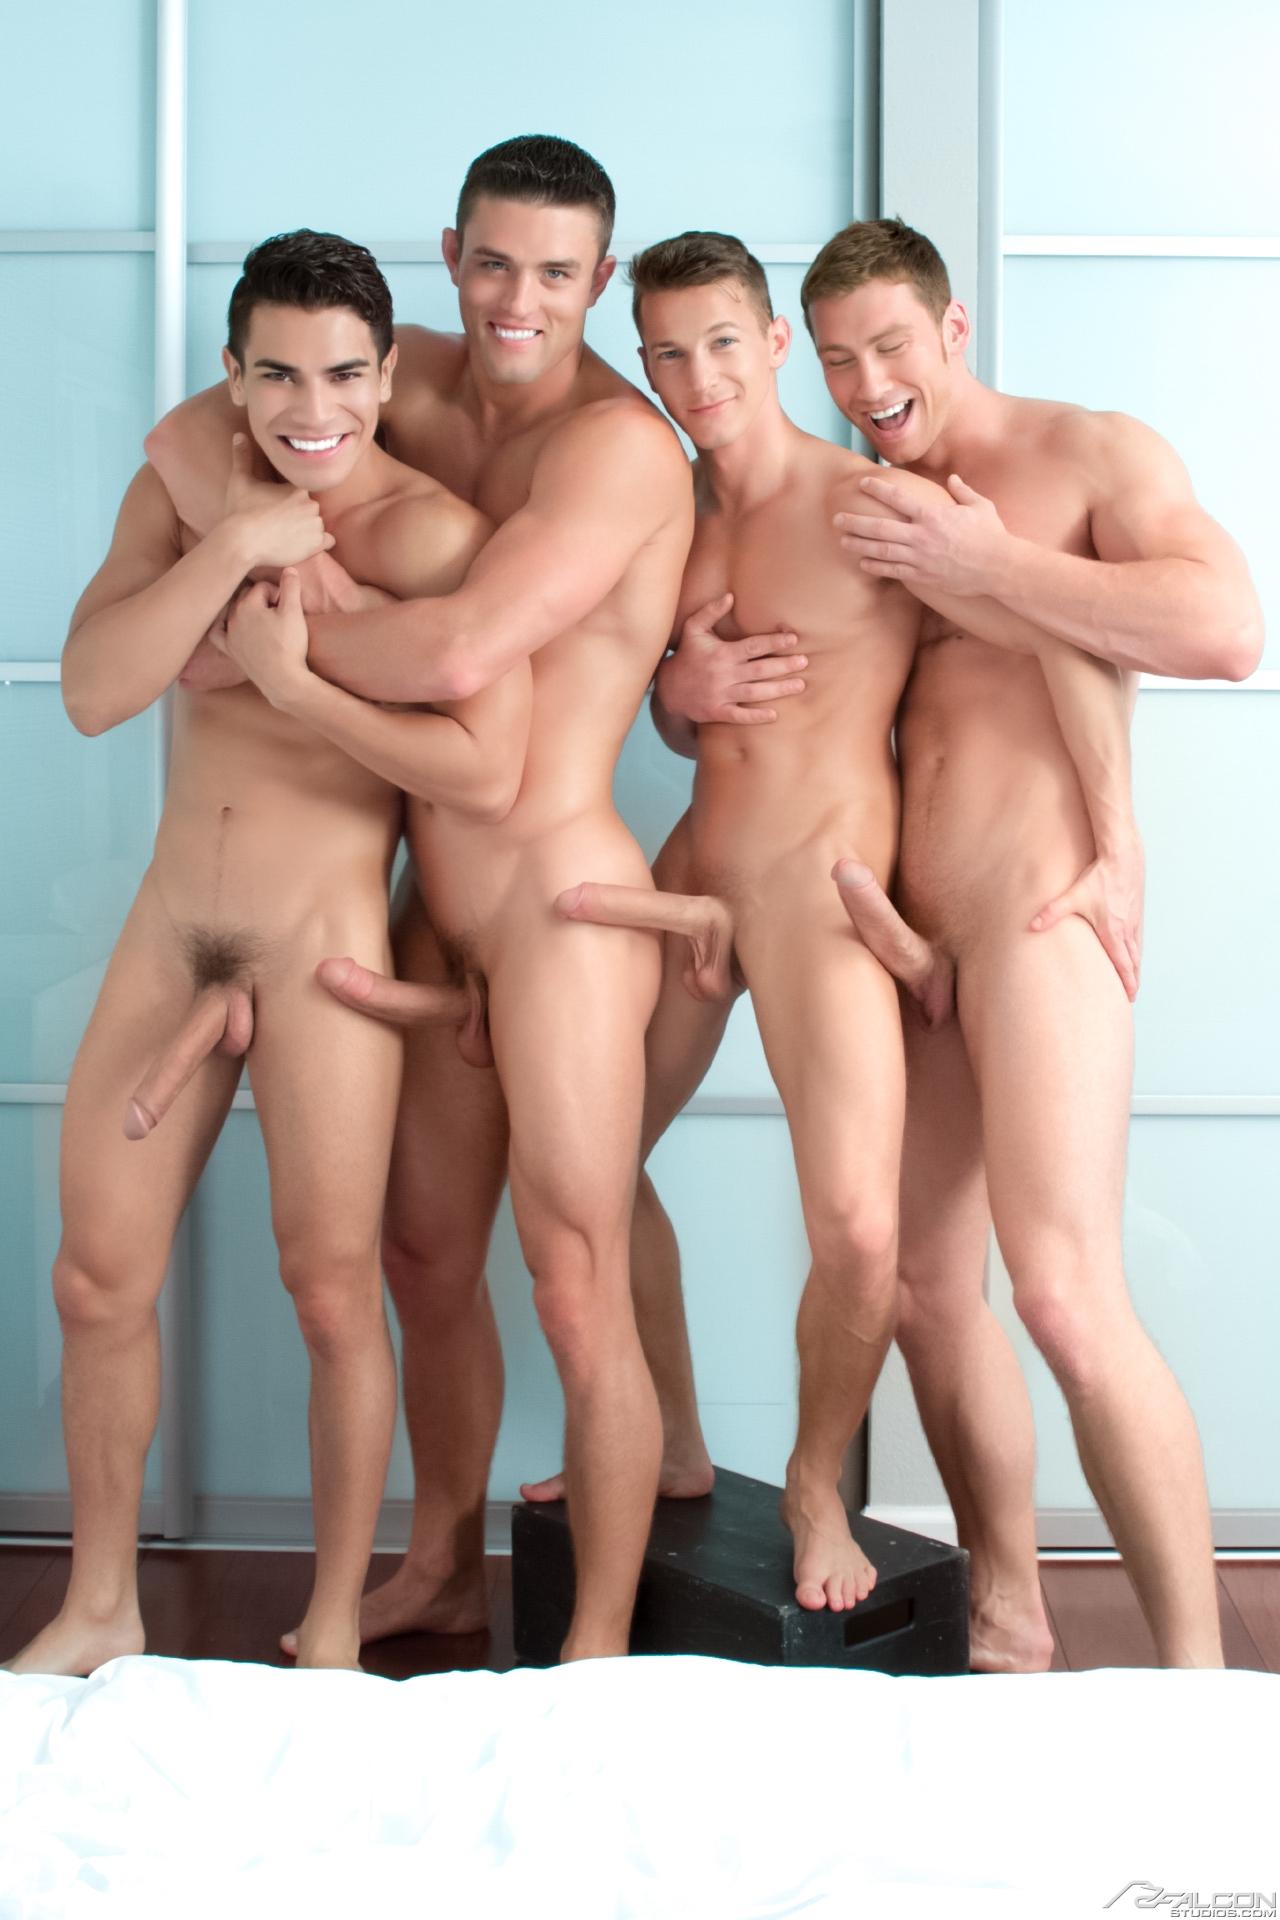 Фото голых мальчиков смртреть фото бессплатно 4 фотография